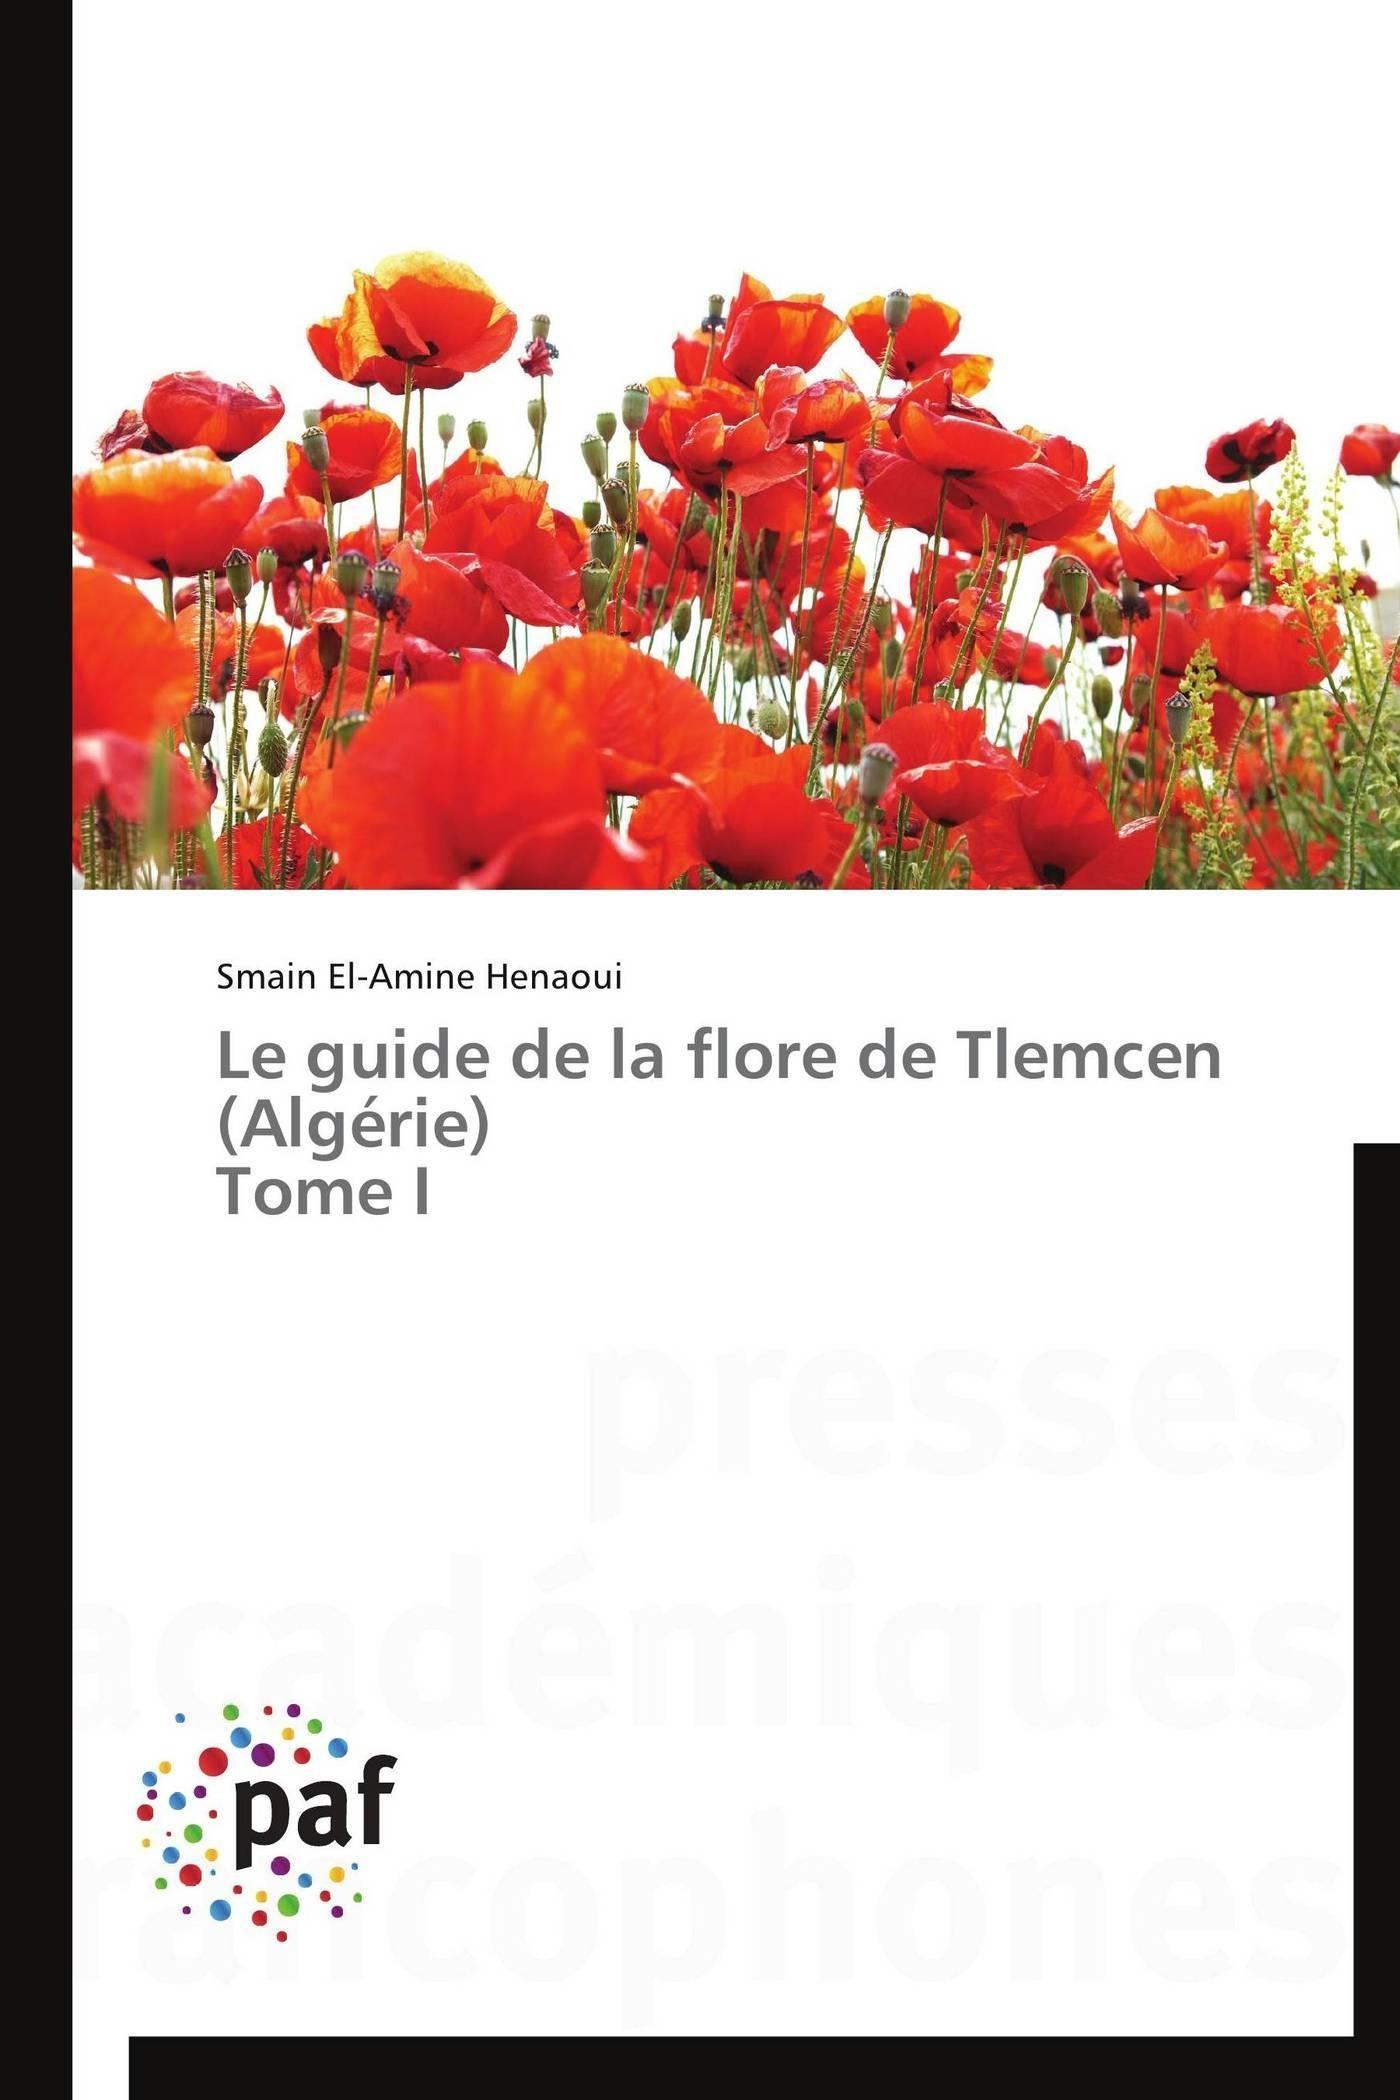 LE GUIDE DE LA FLORE DE TLEMCEN (ALGERIE) TOME I